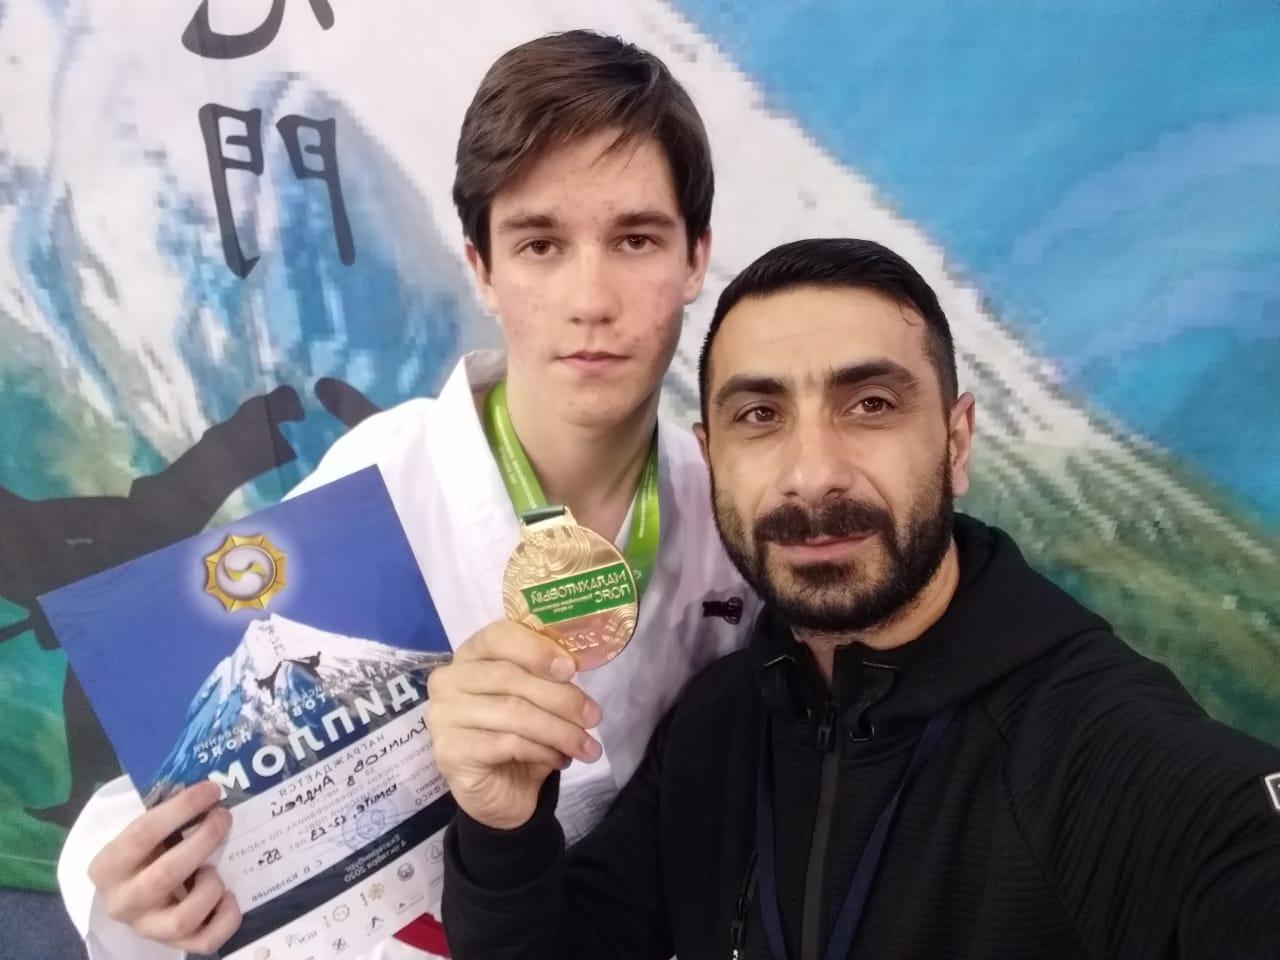 Курепин Платон с тренером Эдуардом Грачяевичем Айрапетяном